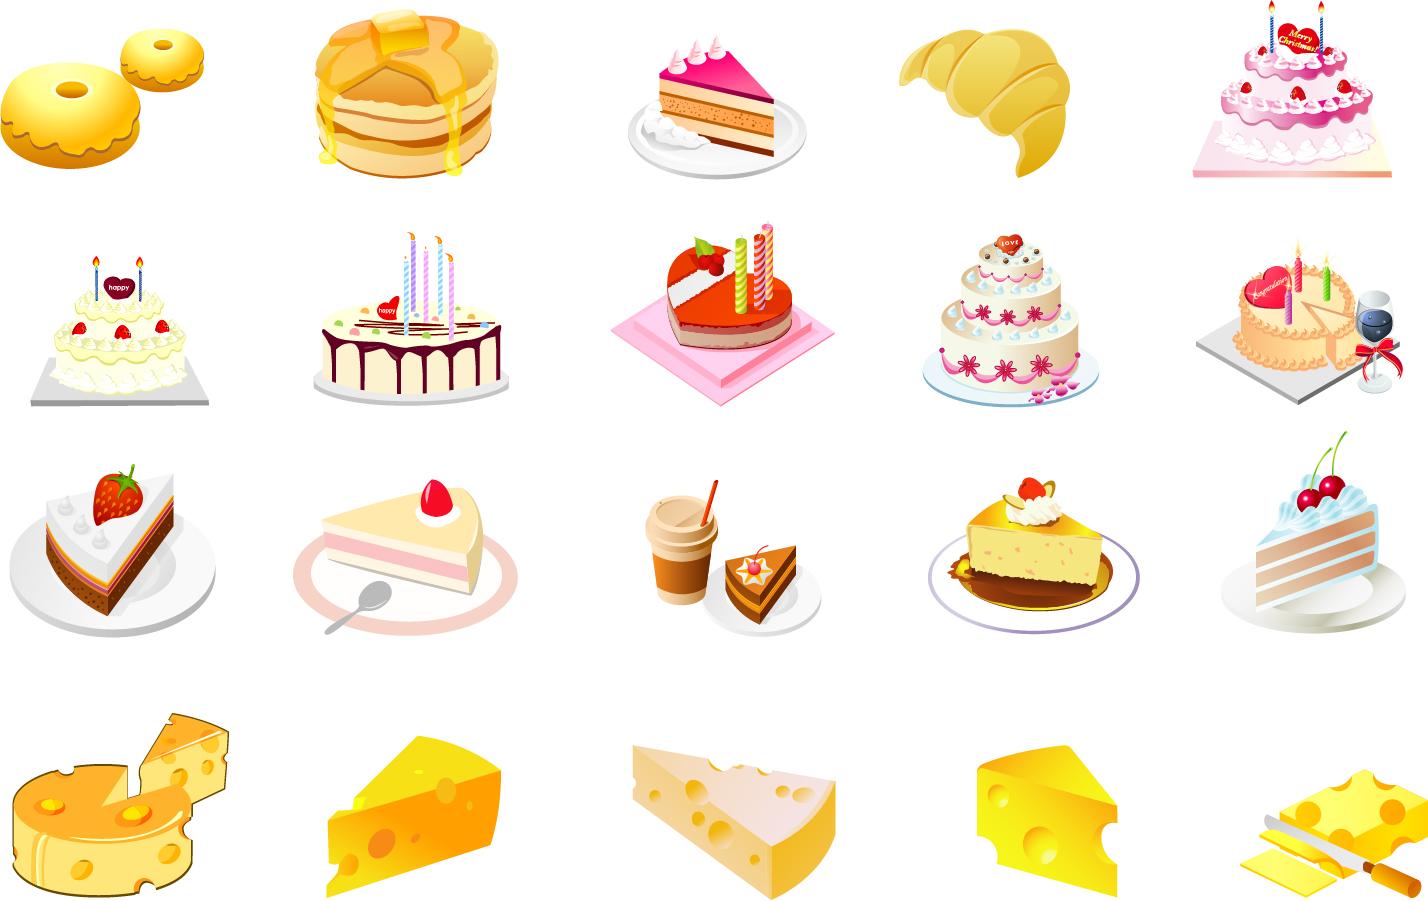 チーズとケーキのクリップアート cheese cake dessert vectorタイトル